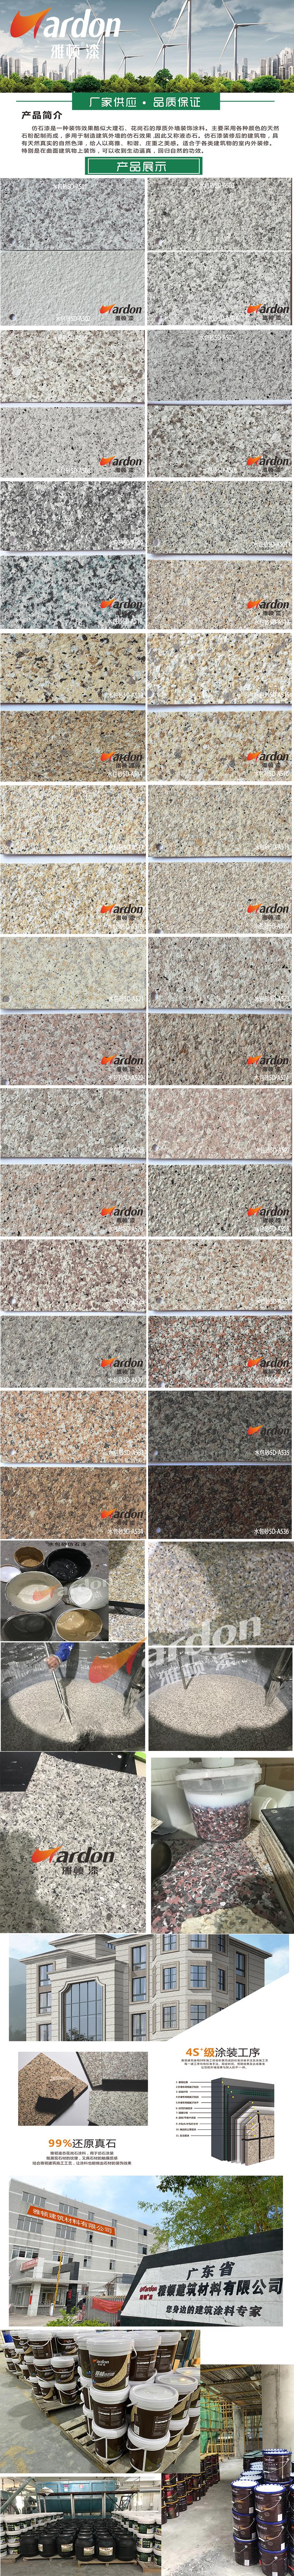 水包砂图片产品4-27